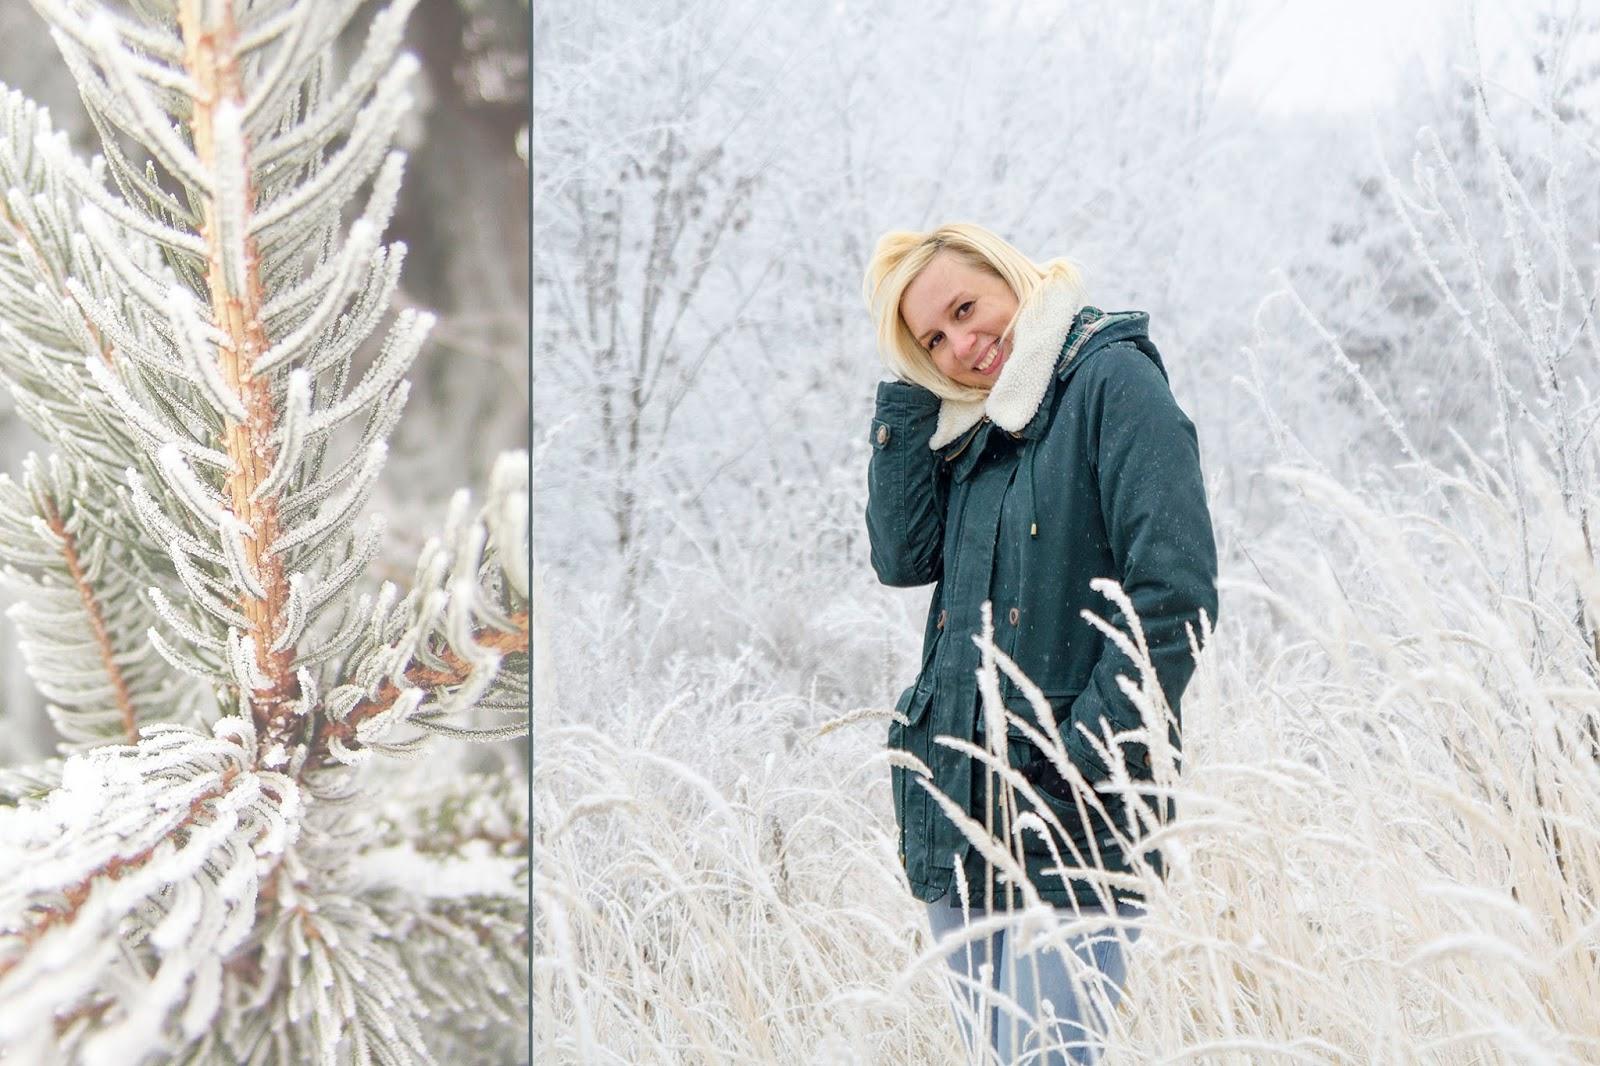 иней, лес, снег, мороз, чистый воздух,